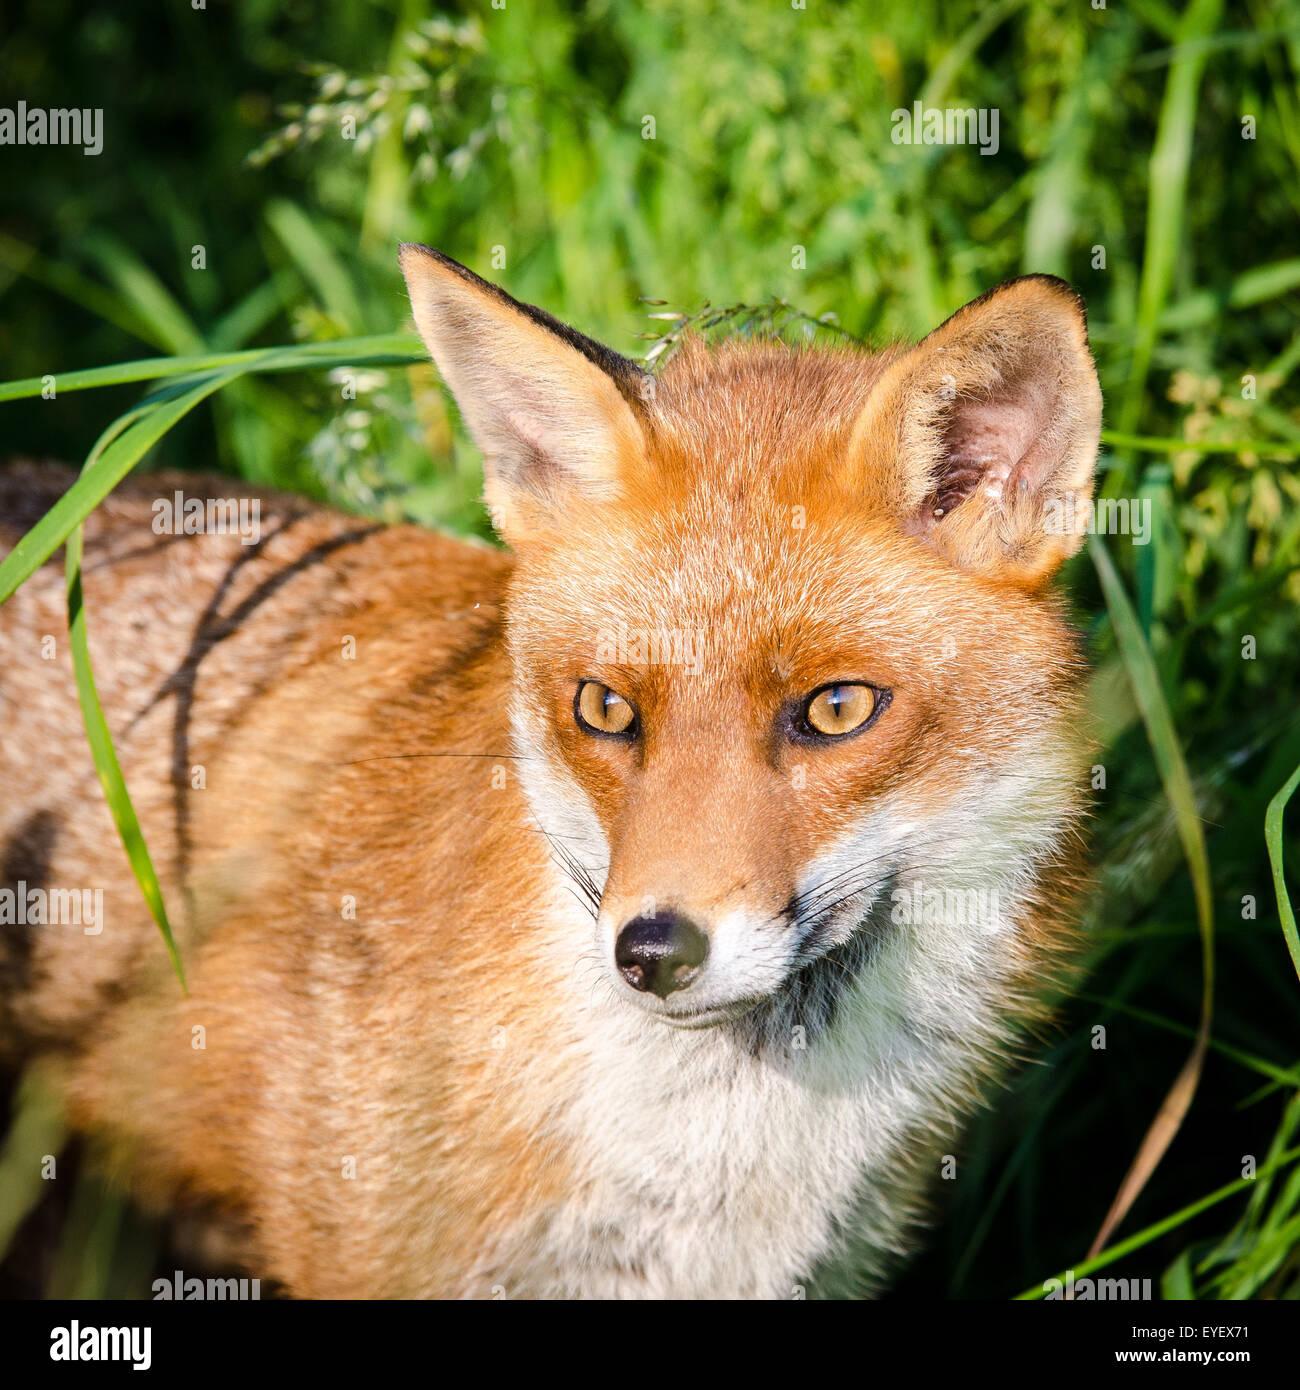 Unión el zorro (Vulpes vulpes), Reino Unido. Imagen De Stock